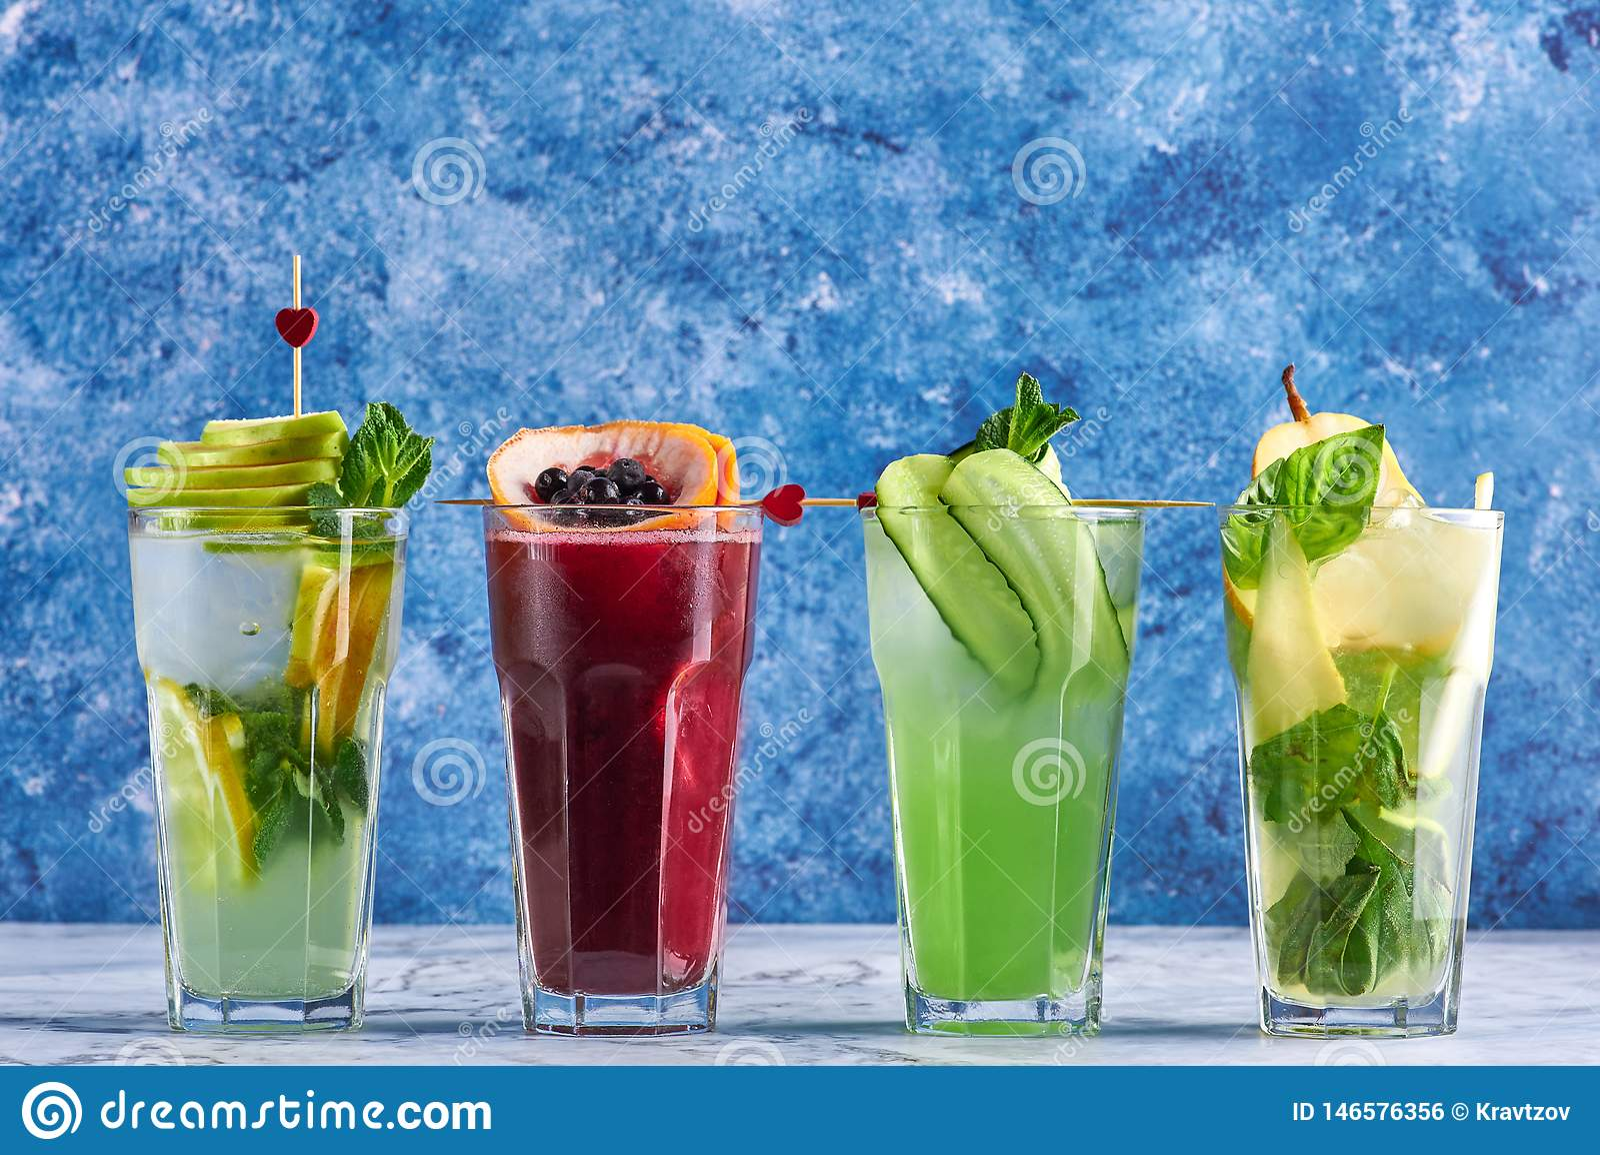 Boissons d?licieuses d ?t? concept de cocktails de detox boissons organiques saines de partie cocktails jaunes verts rouges